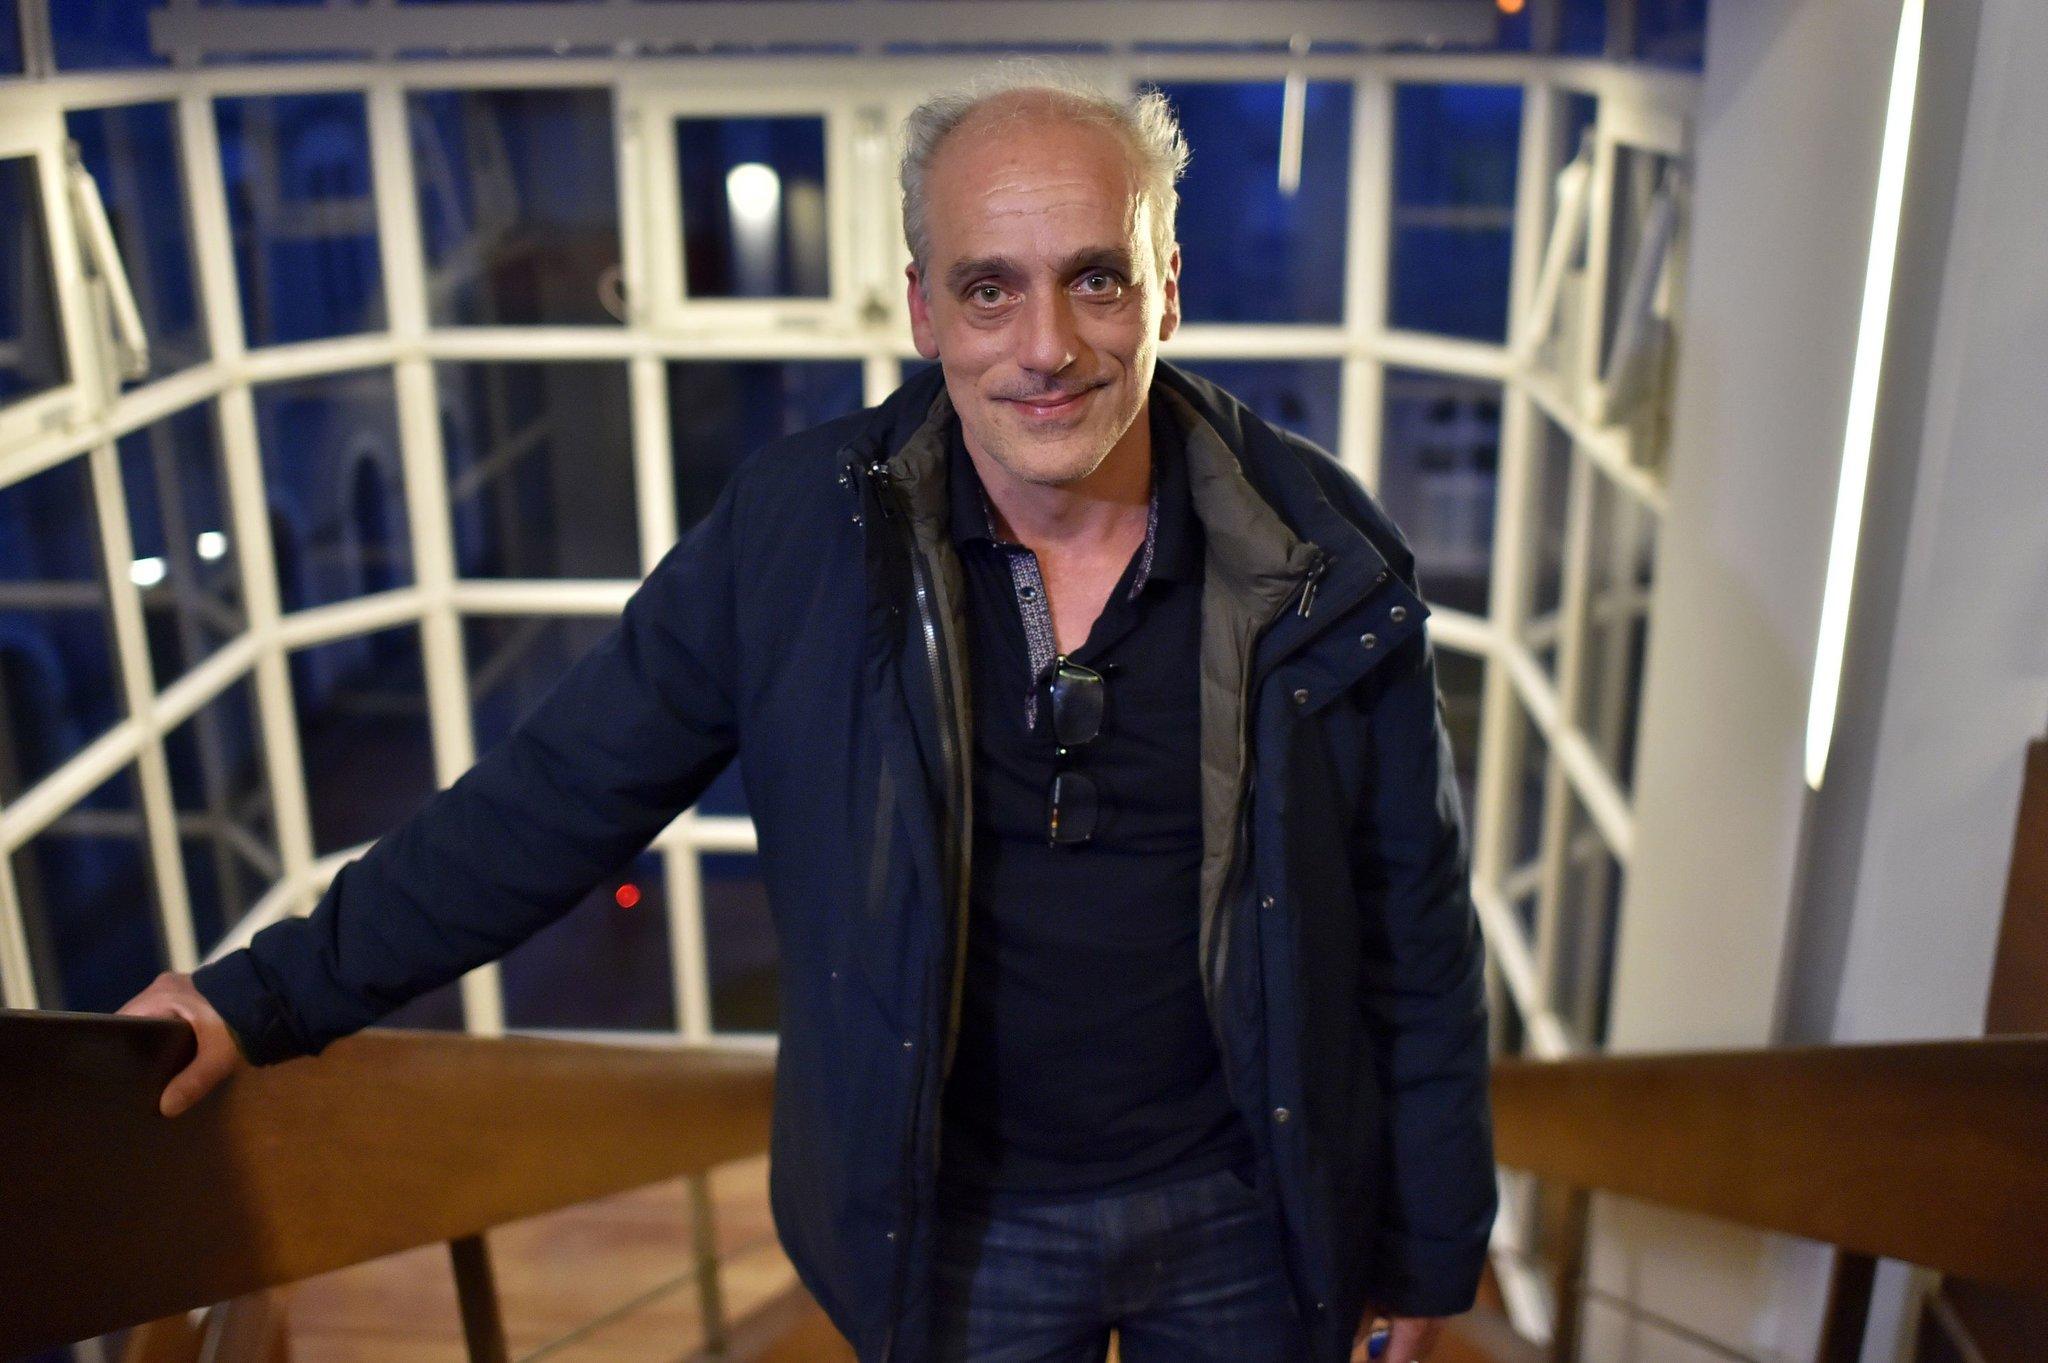 Philippe Poutou dans un escalier en contre-plongée